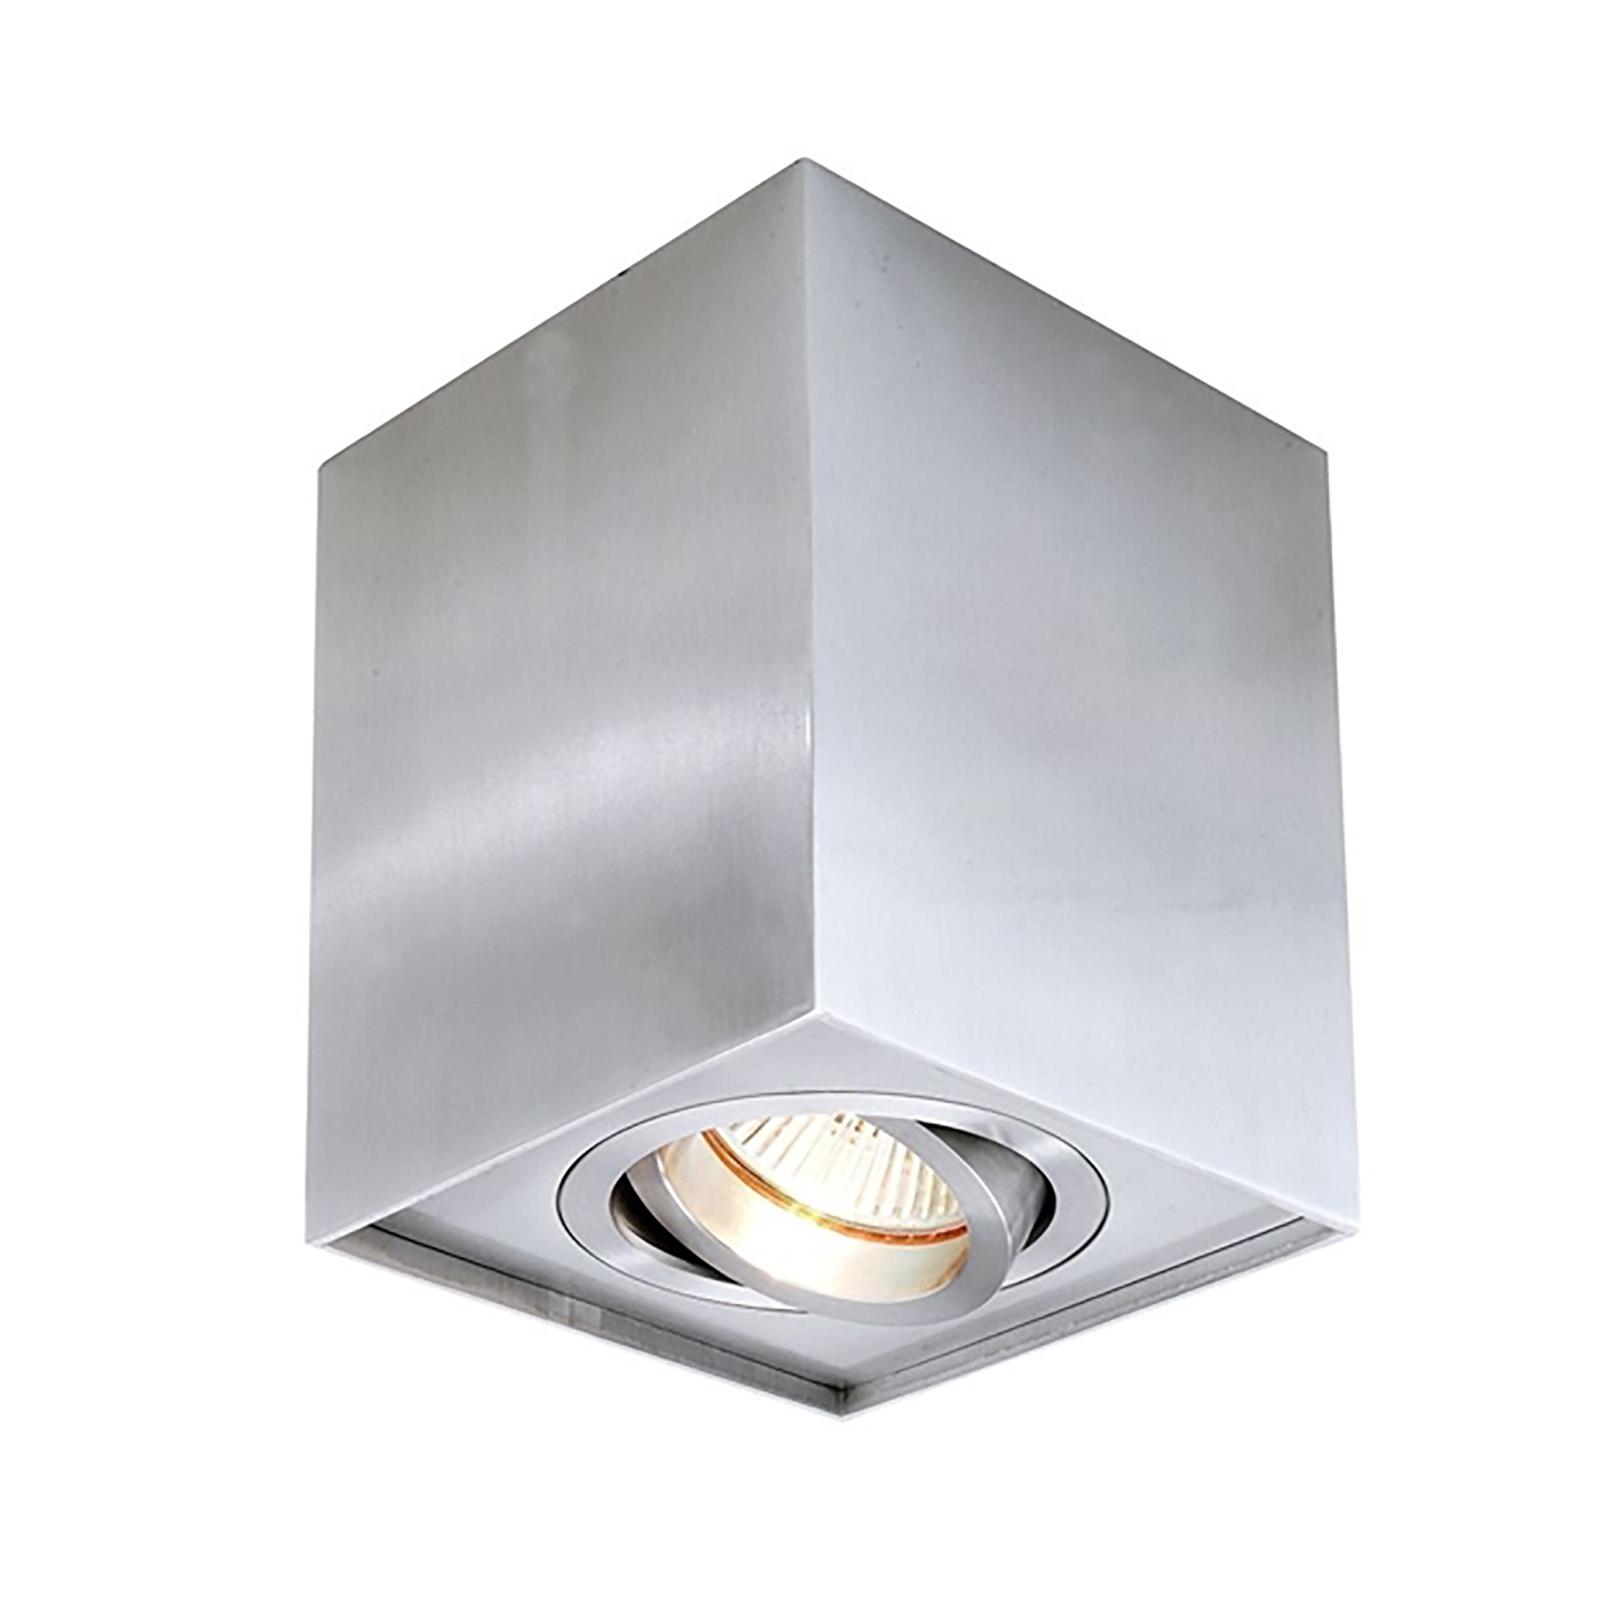 Dato lampade faretti a soffitto planetitaly lampada - Illuminazione interni design moderno ...